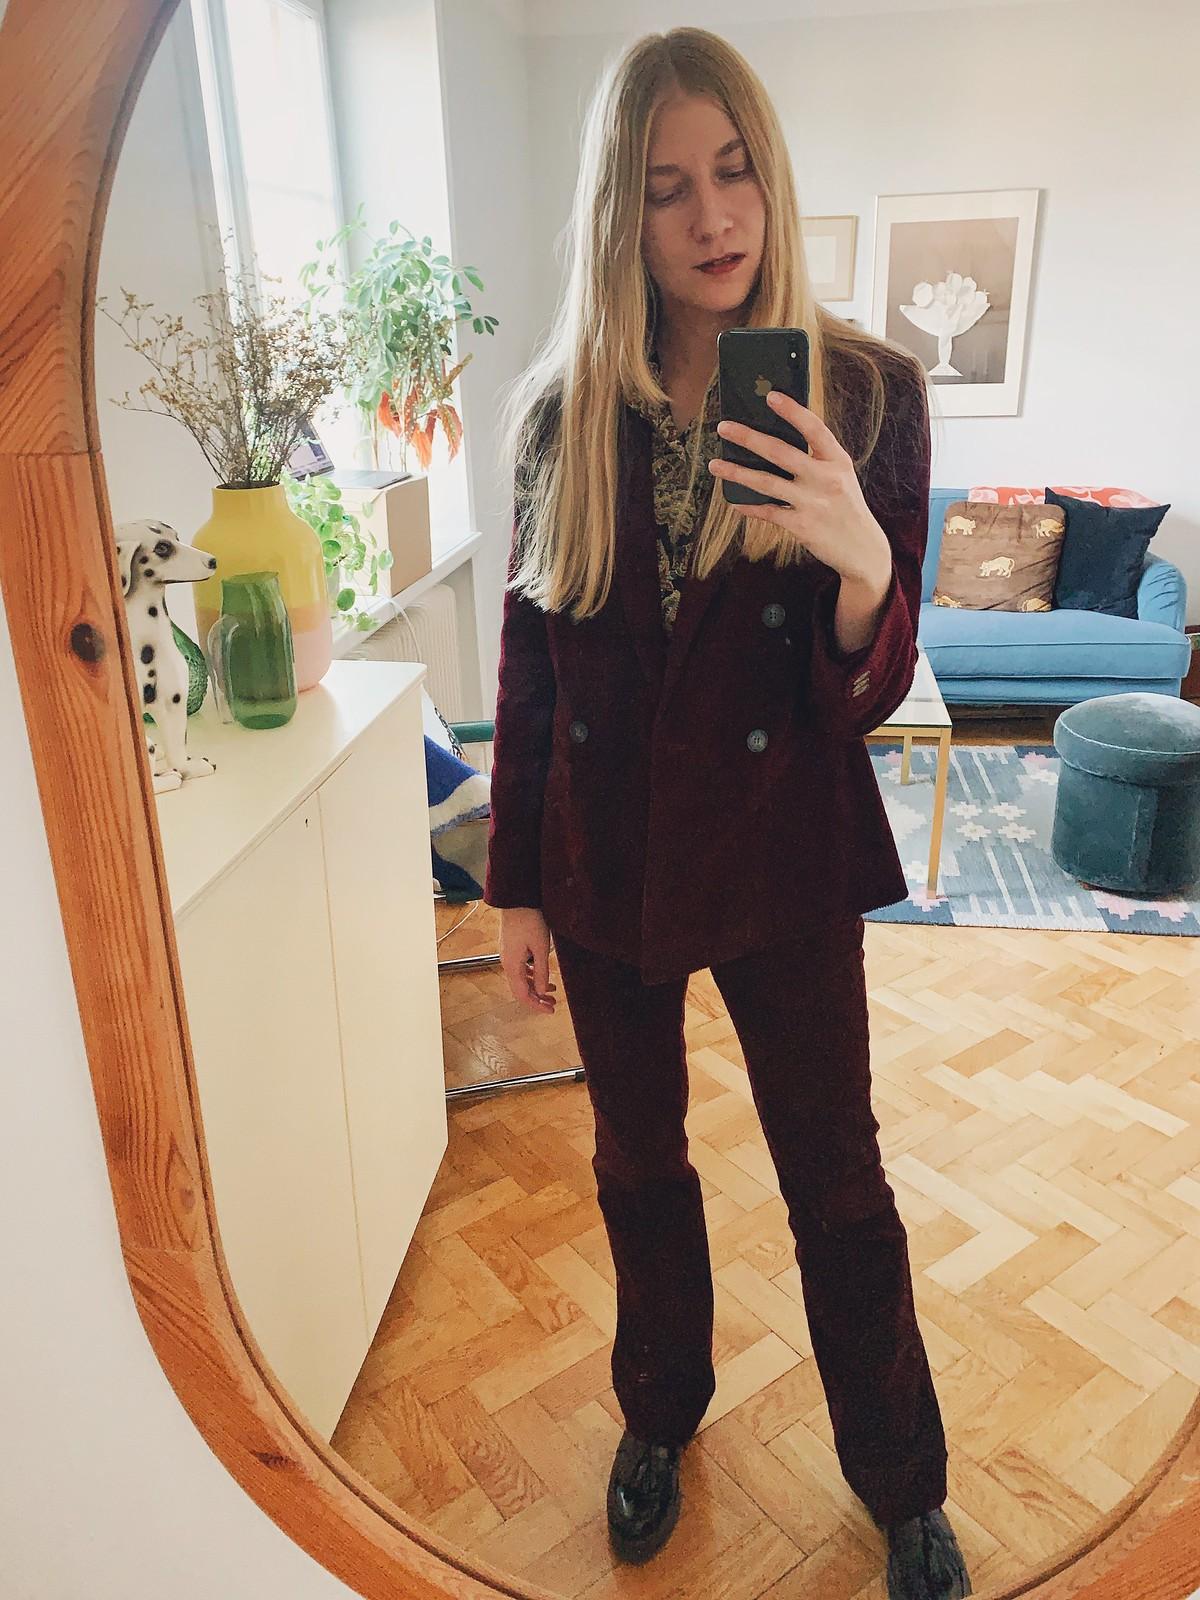 vinröd kostym